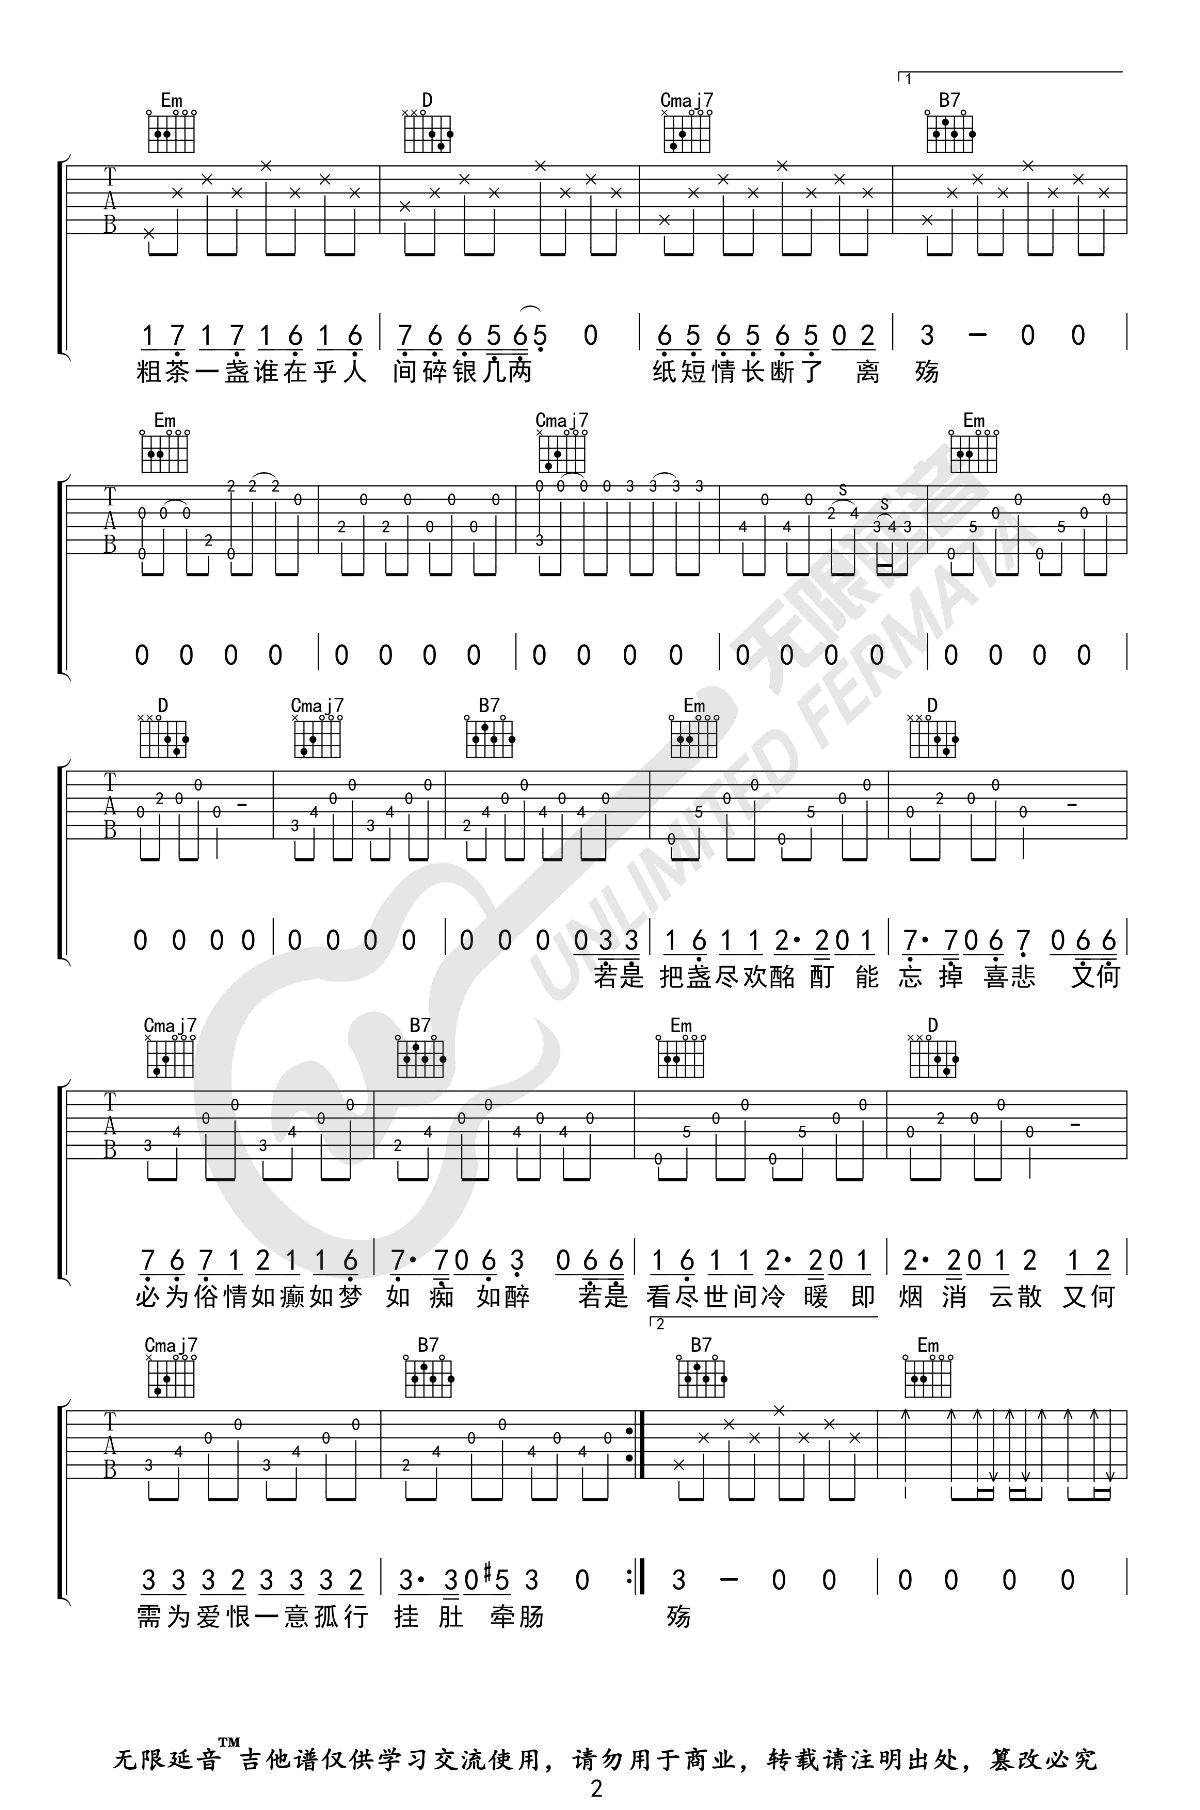 虎二-窗吉他谱-抖音热门歌曲-2